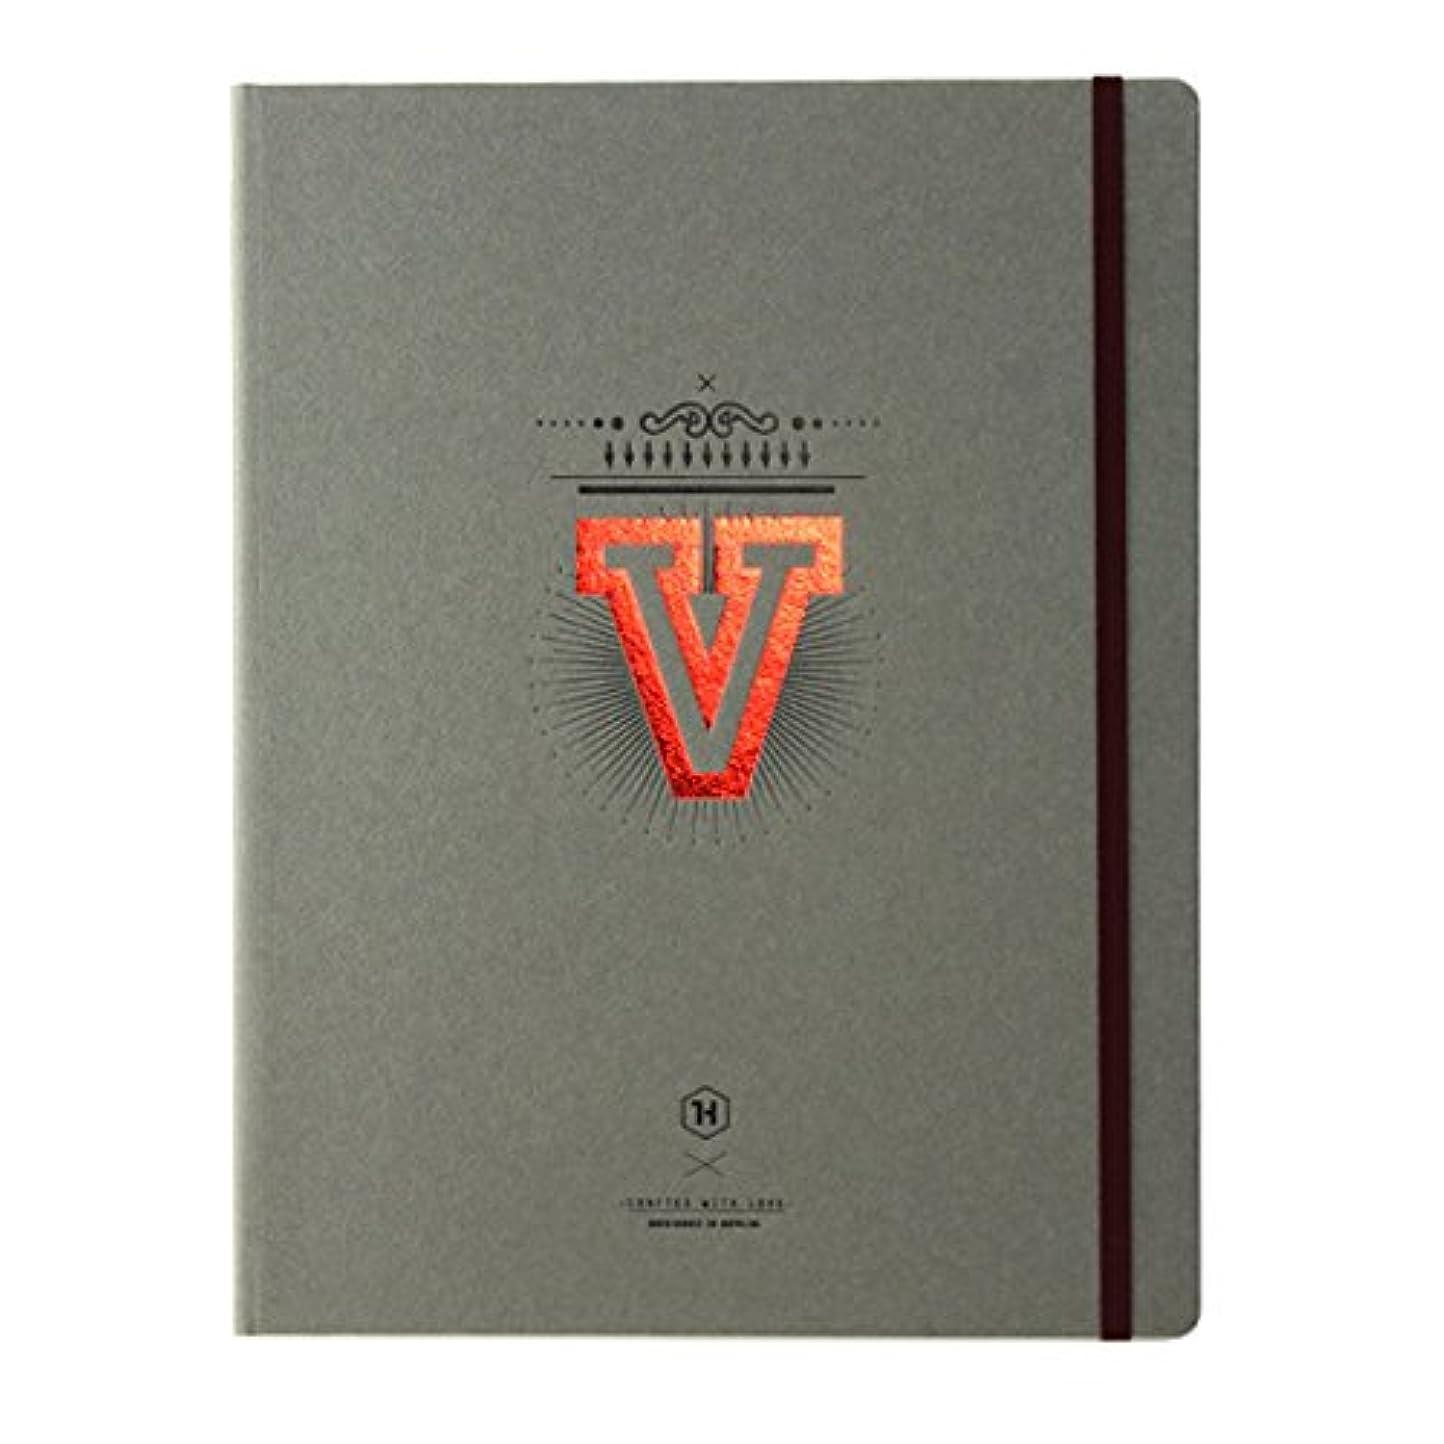 タイプハイプ ノートブック LUISE V